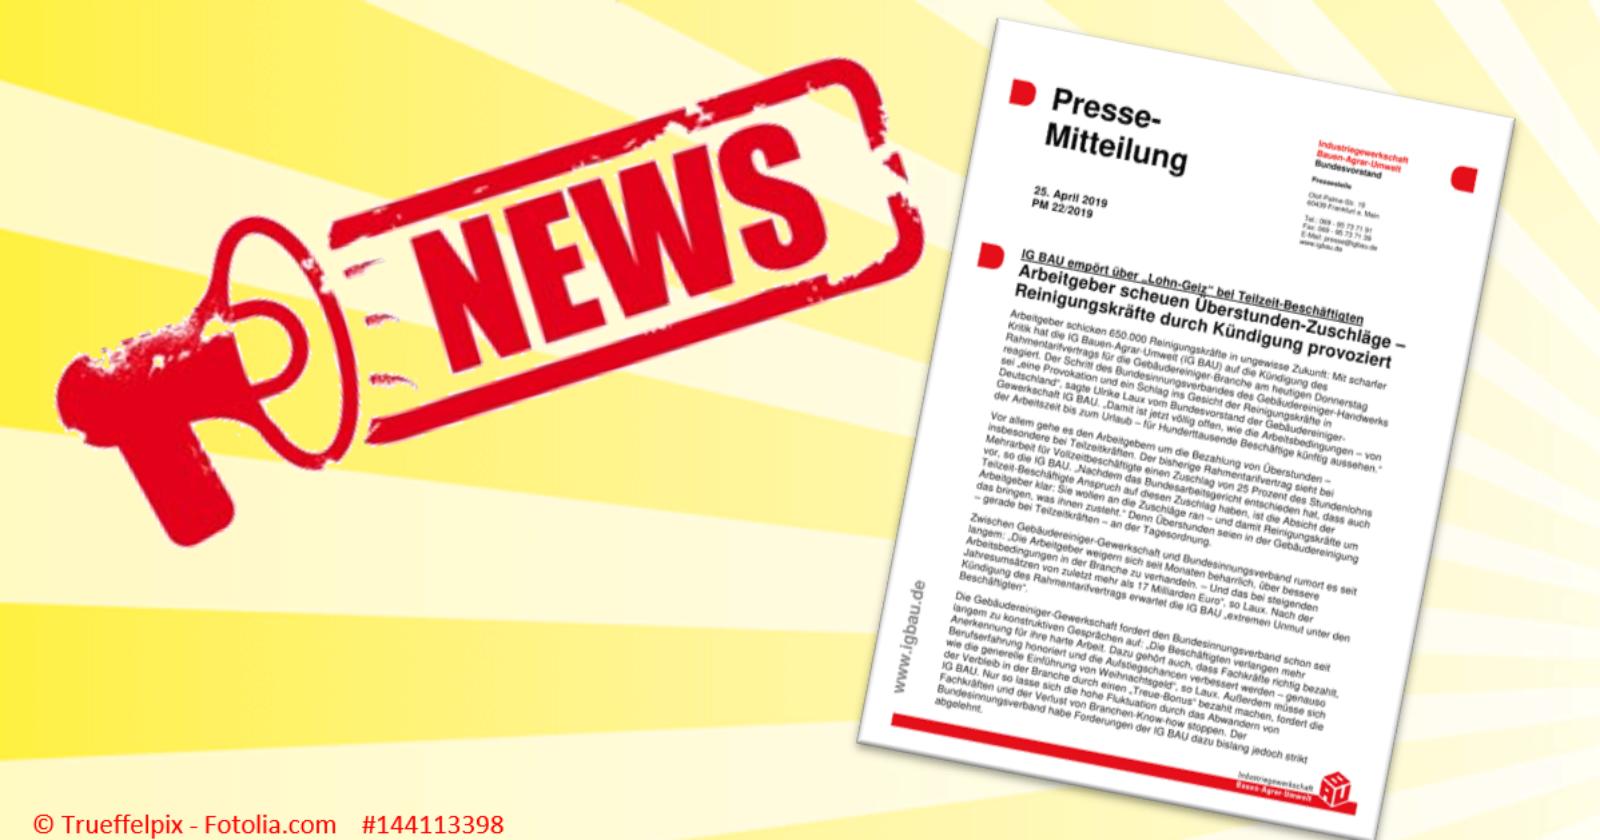 Pressemitteilung: Arbeitgeber scheuen Überstunden-Zuschläge – Reinigungskräfte durch Kündigung provoziert